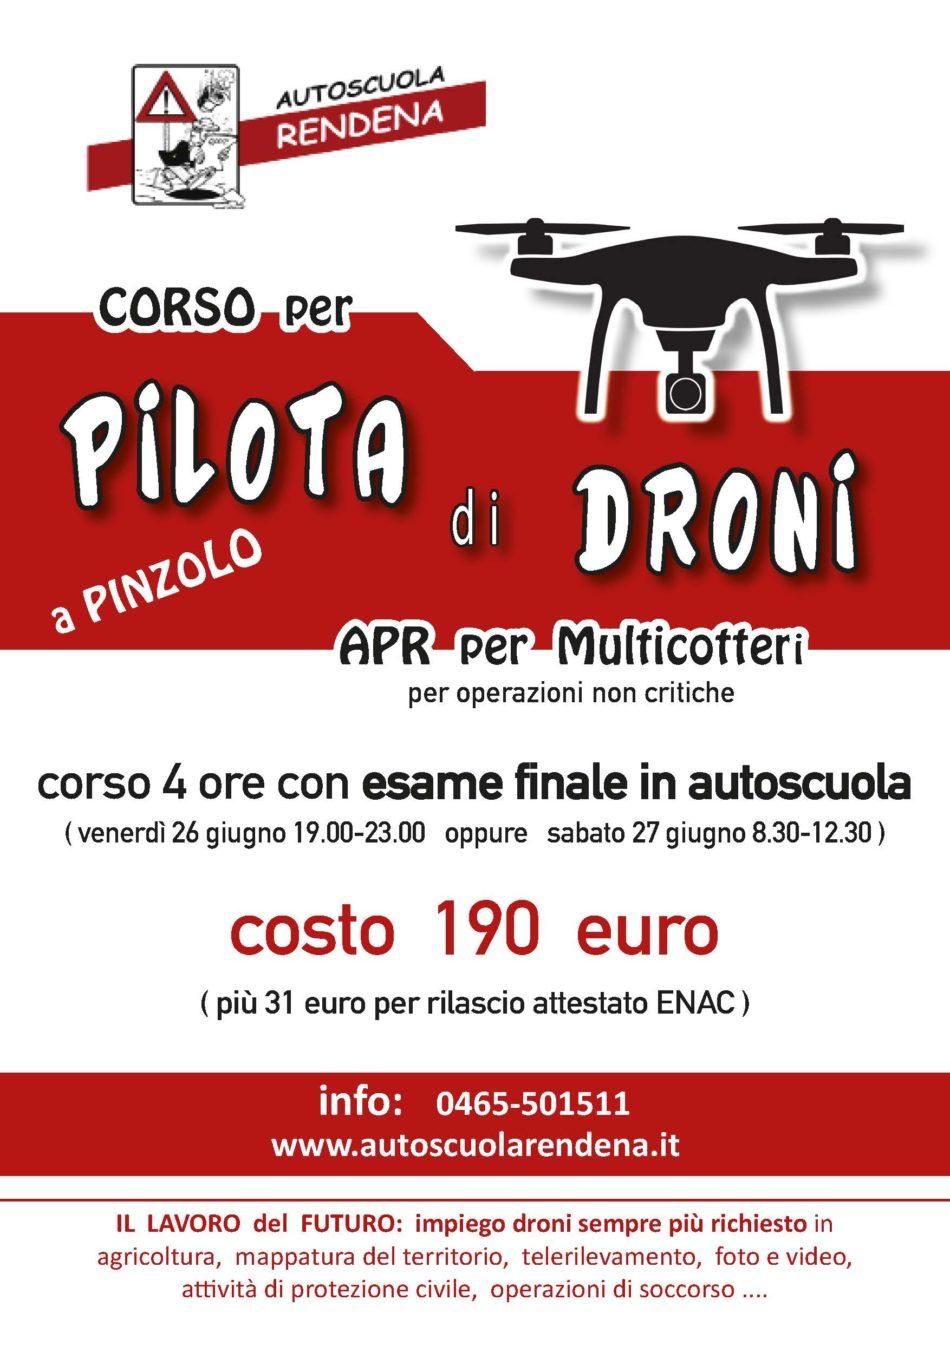 Autoscuola Rendena – Corso teorico per diventare pilota di droni